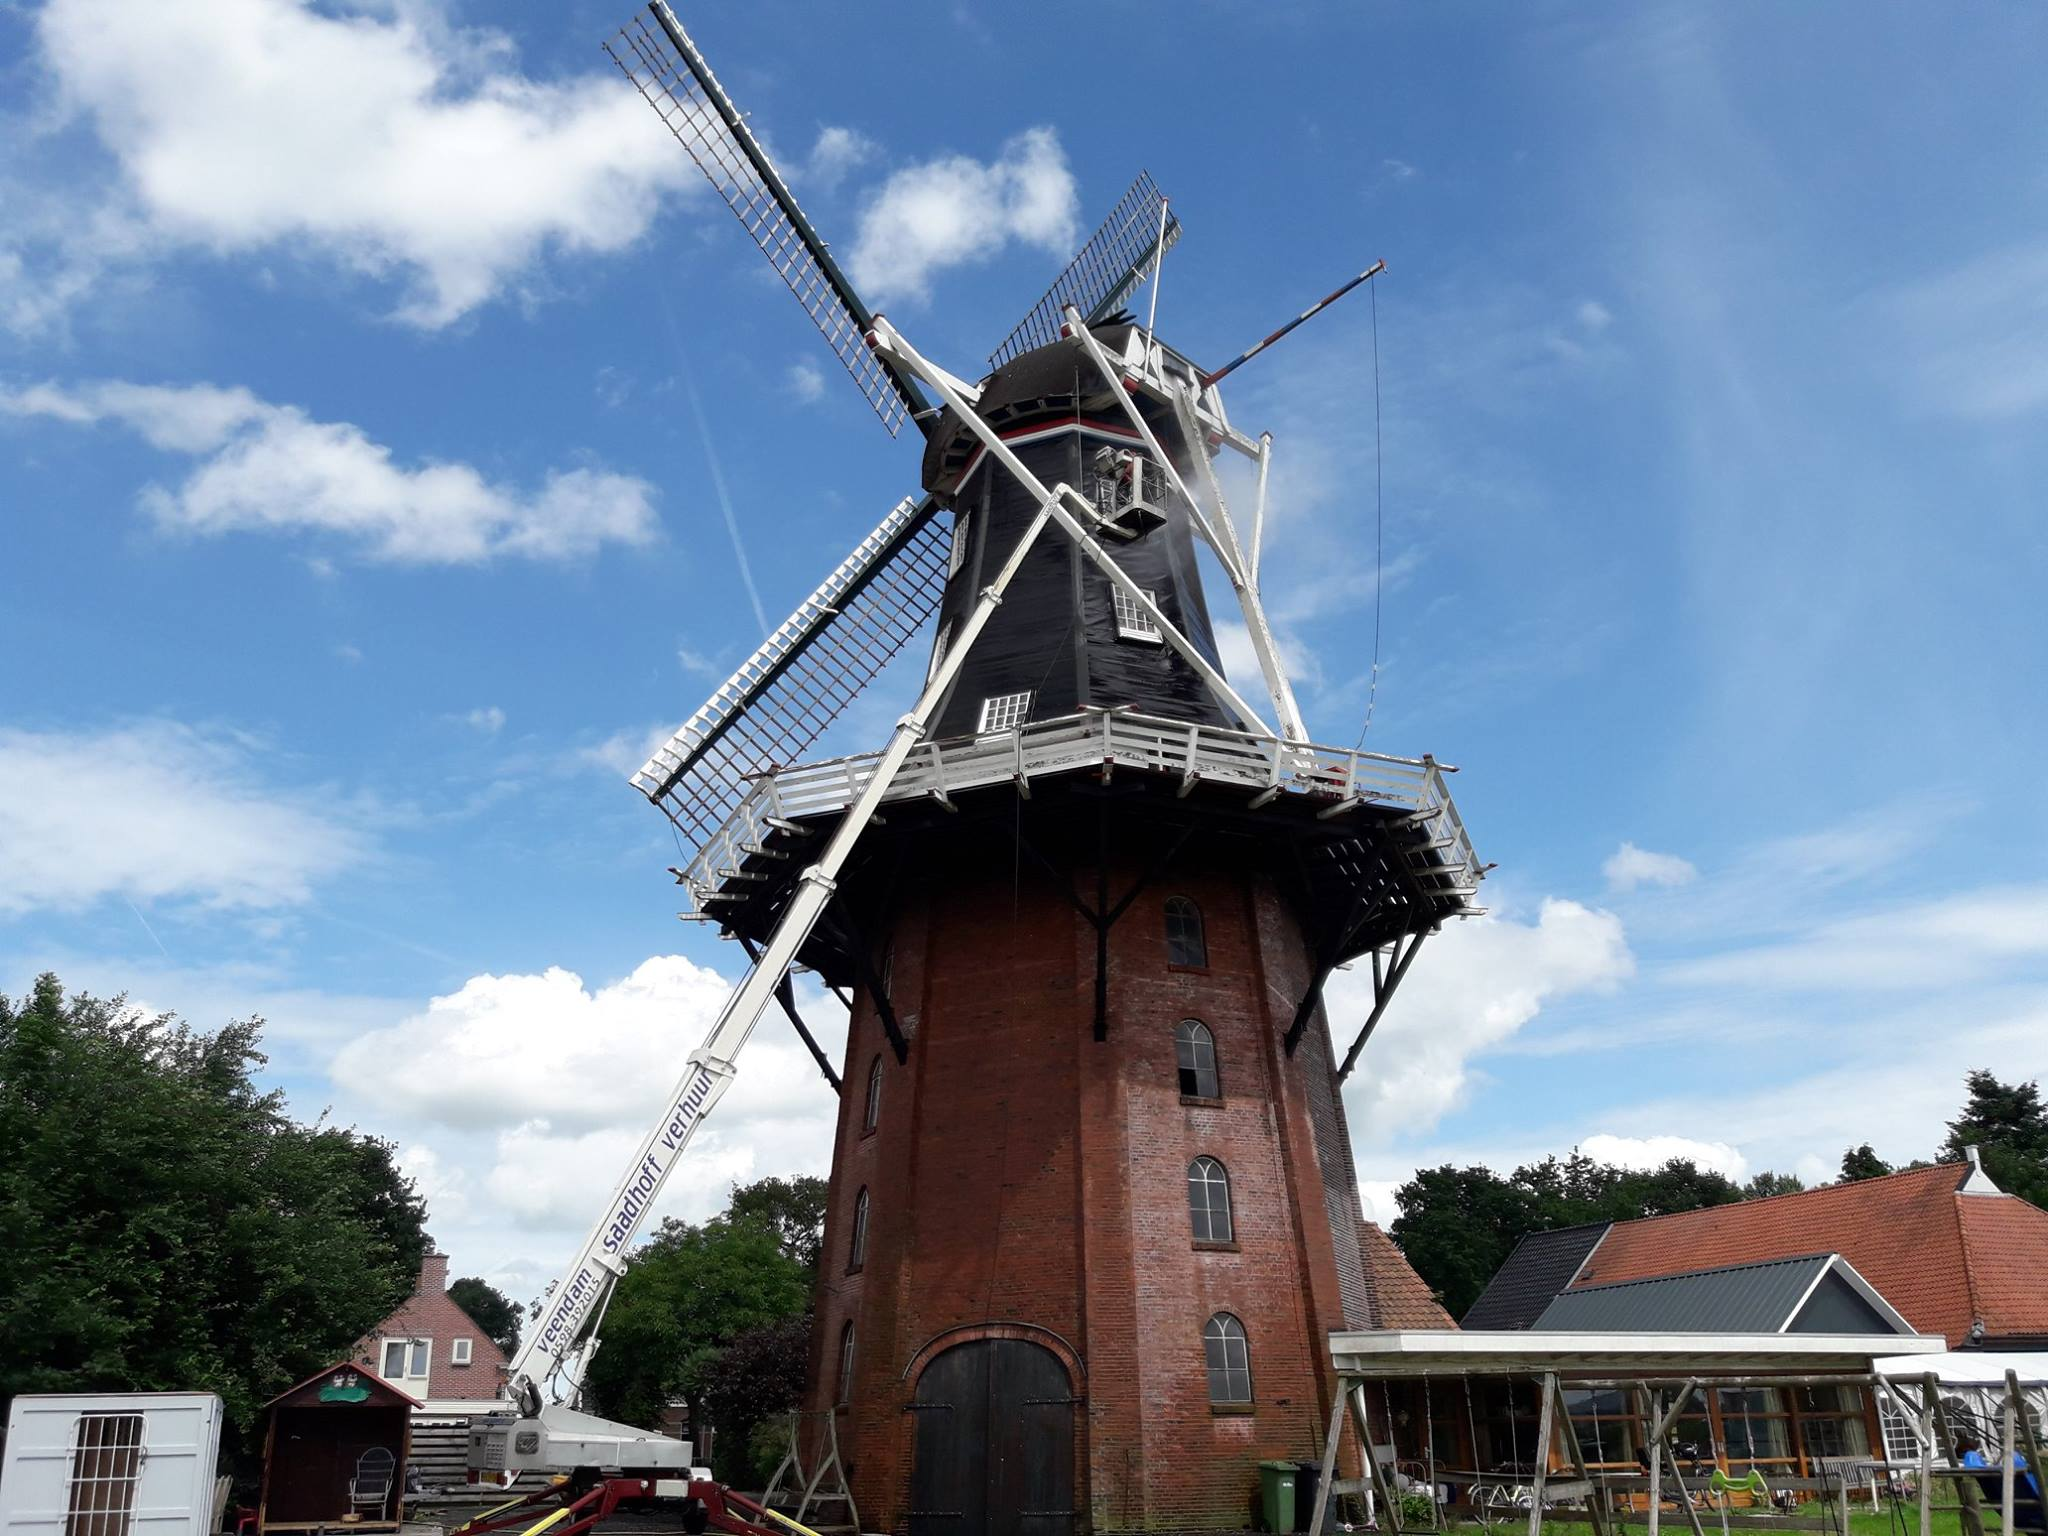 Korenmolen Schoonmaak Kolham Provincie Groningen Saadhoff BV Veendam Wildervank